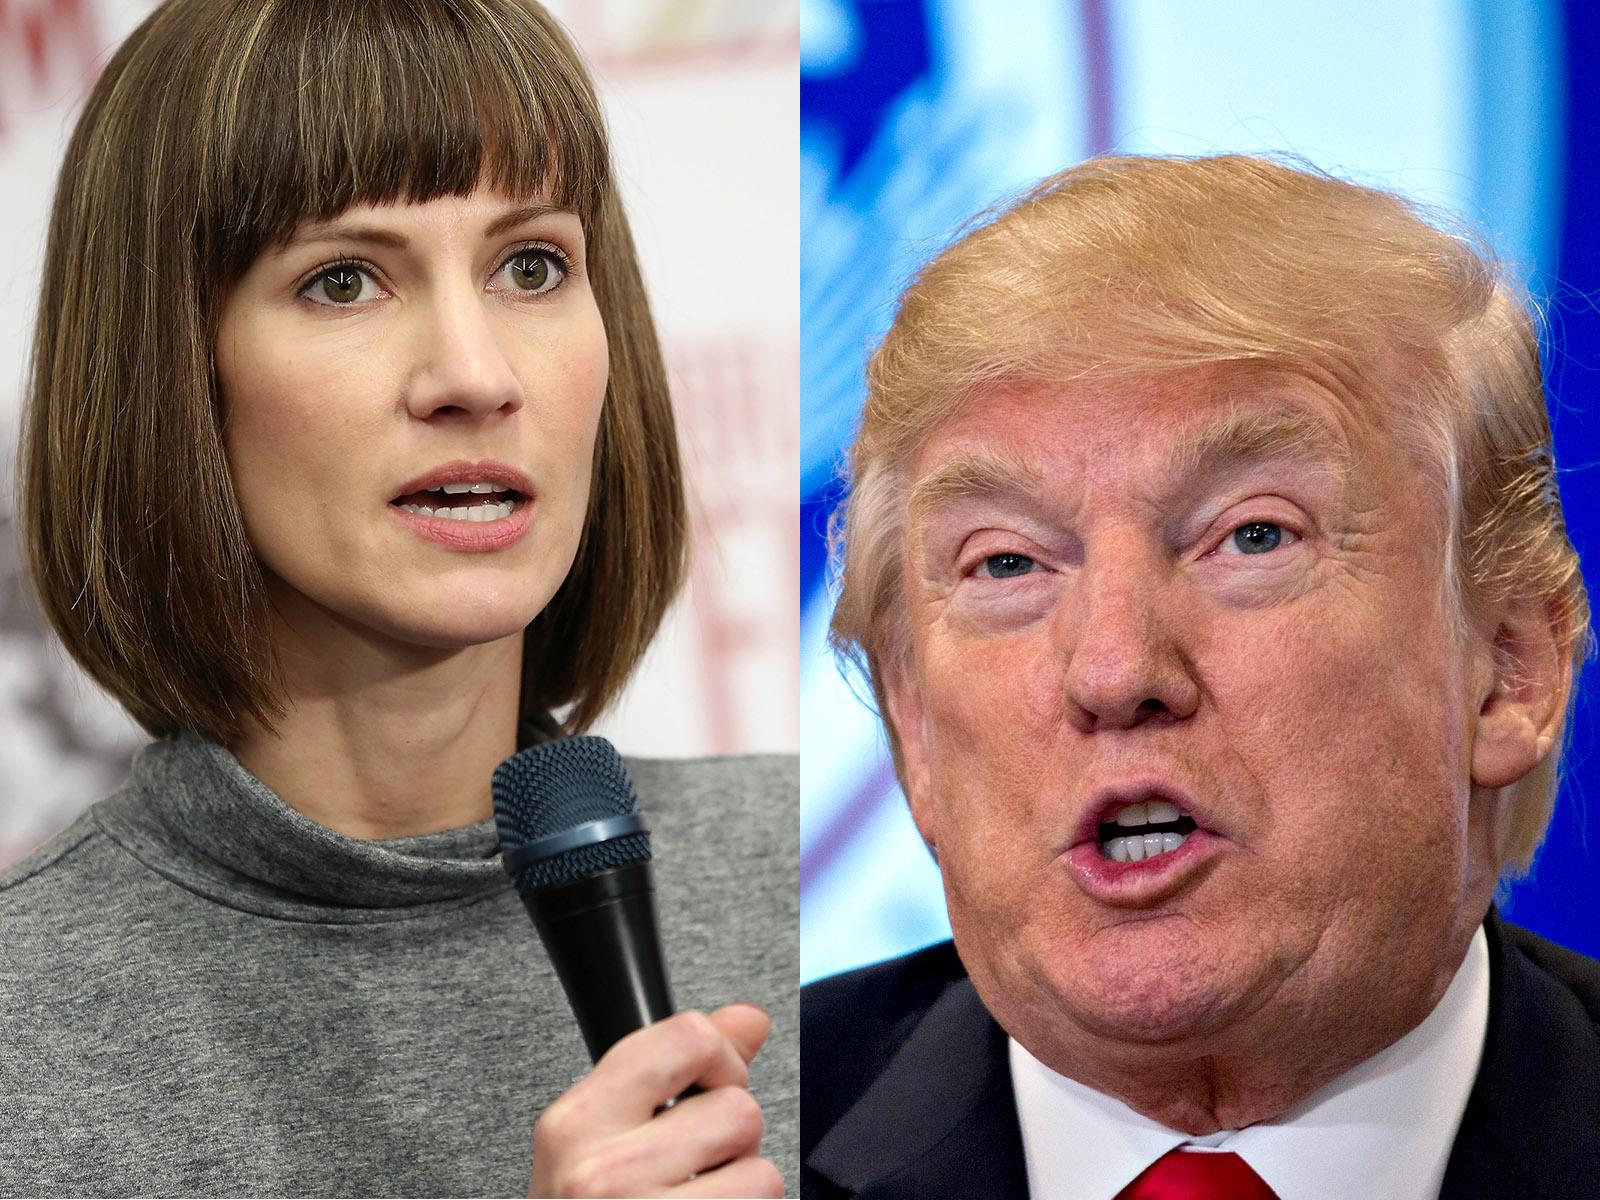 Obama Endorses Trump Accuser In Ohio House Race